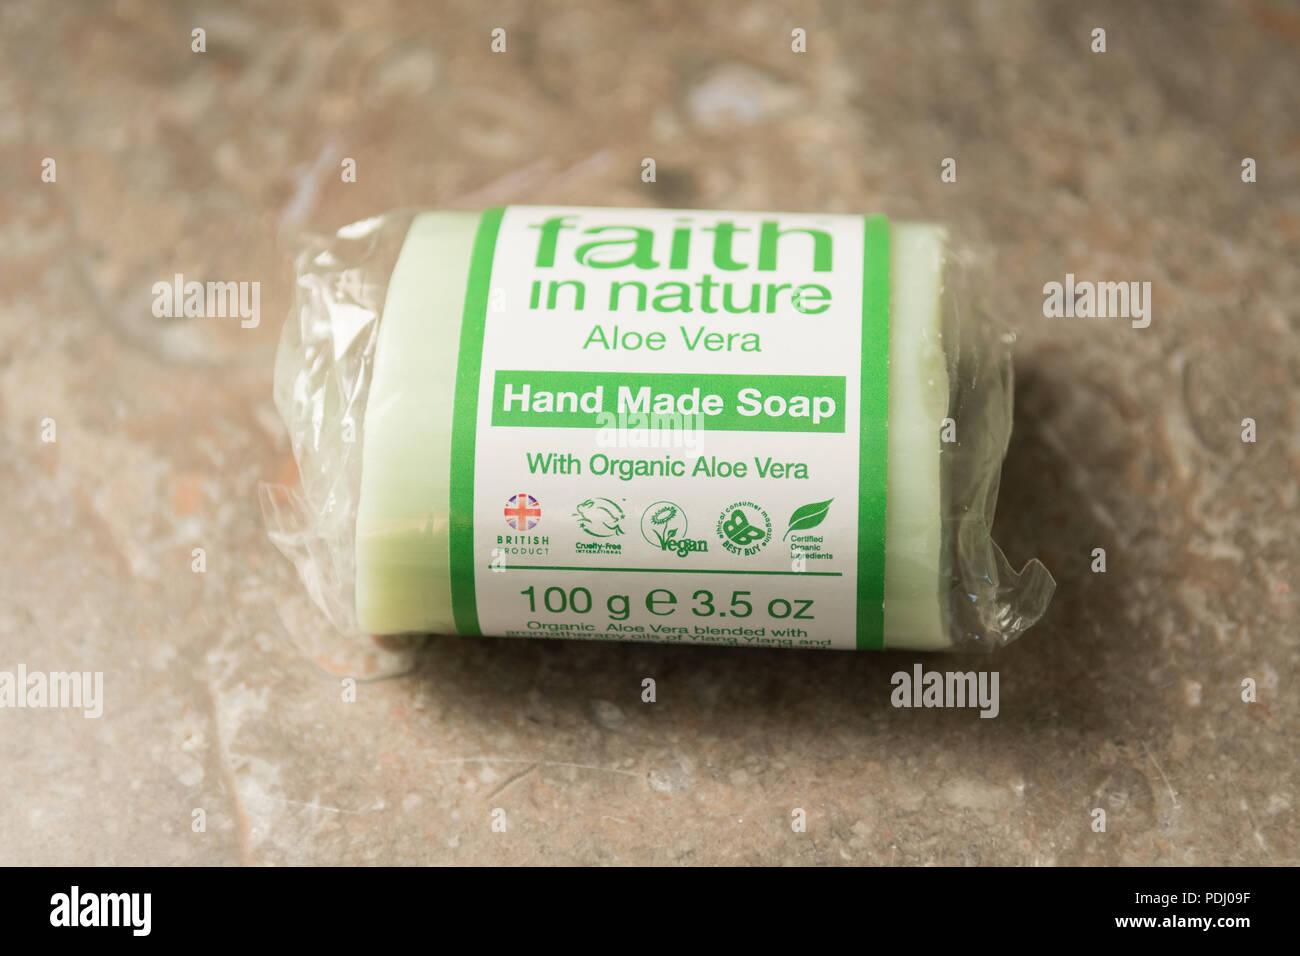 Ethische Consumer product - Glauben in der Natur feste Seife Informationen label-Cruelty Free, biologisch, vegan Symbole Stockbild